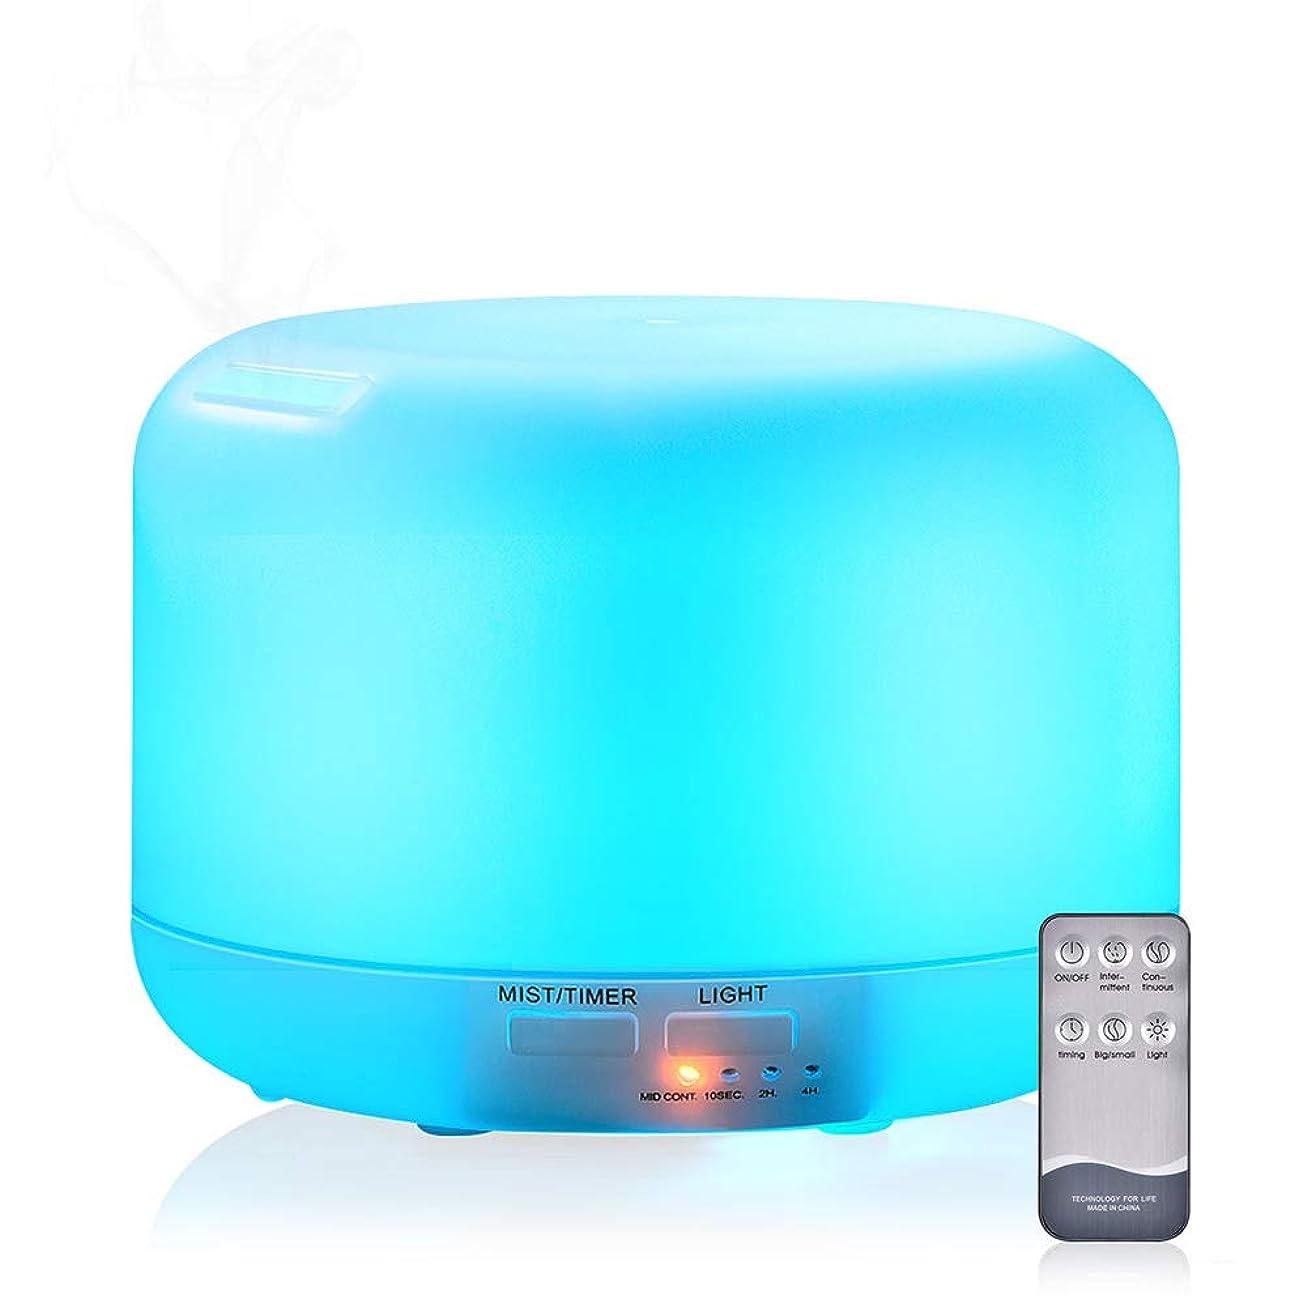 ズボン植生刑務所500ミリメートルリモコン空気アロマ超音波加湿器カラーLEDライト電気アロマセラピーエッセンシャルオイルディフューザー